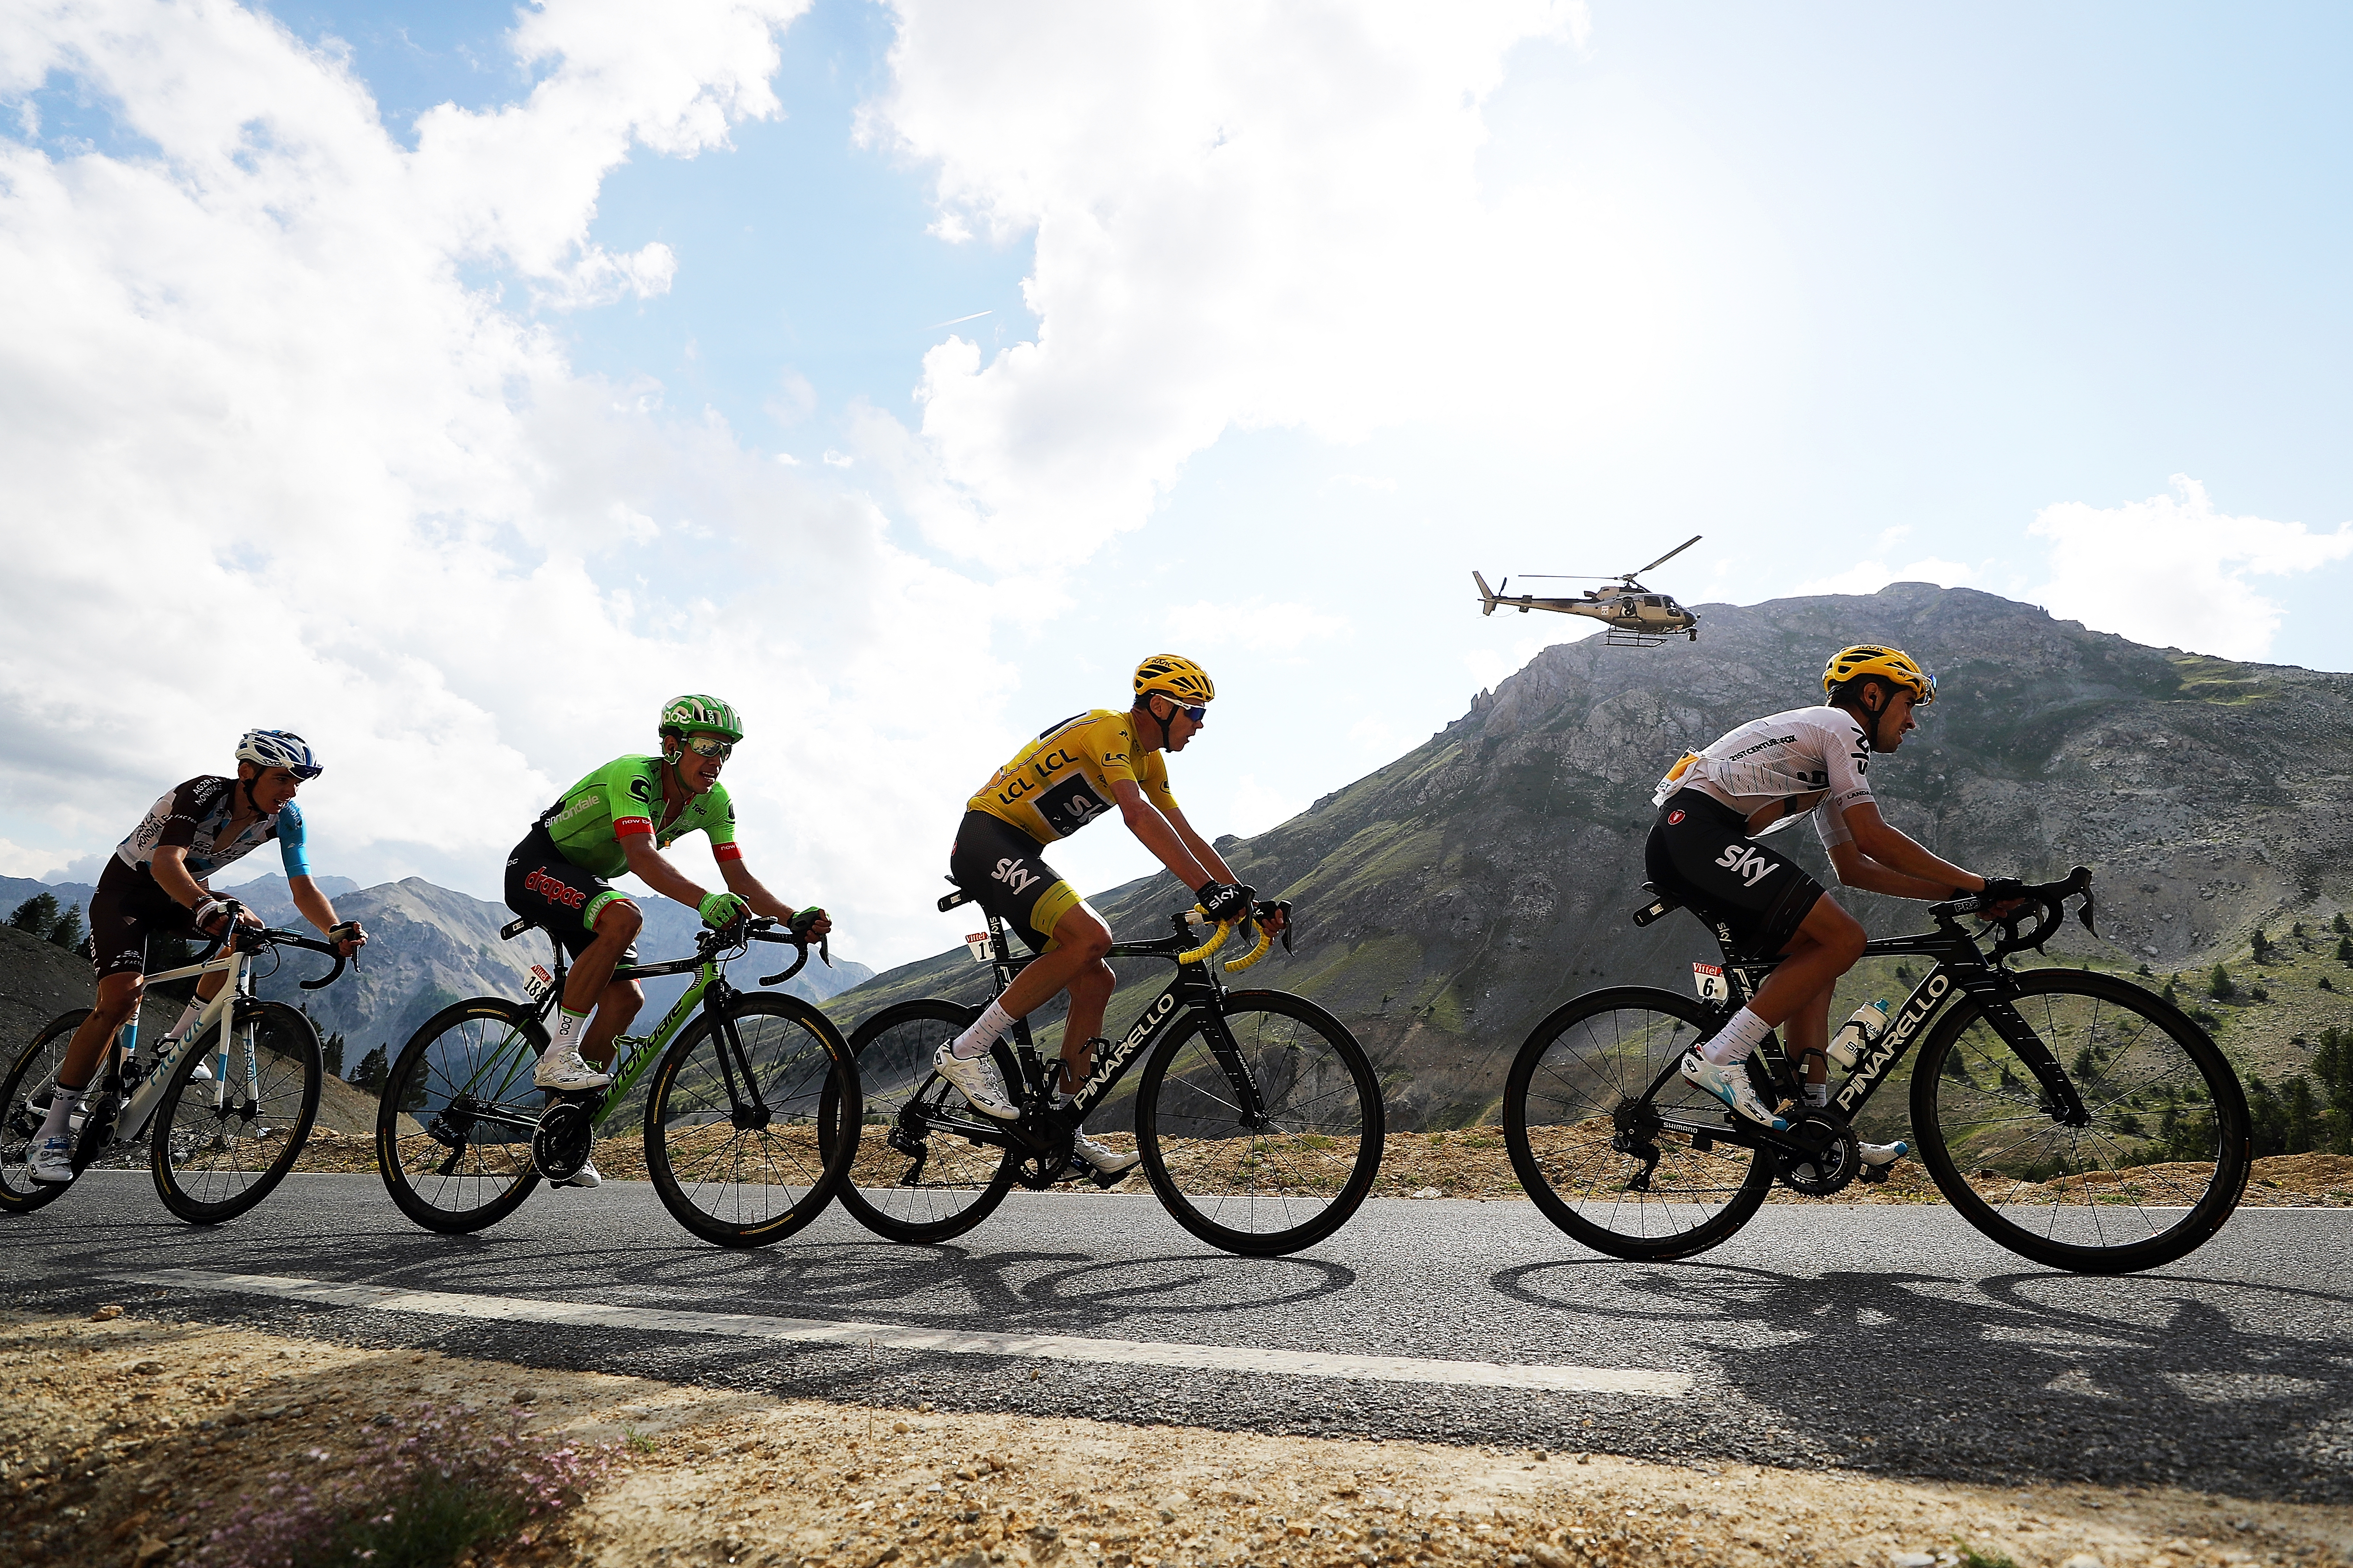 Le Tour de France 2017 - Stage Eighteen